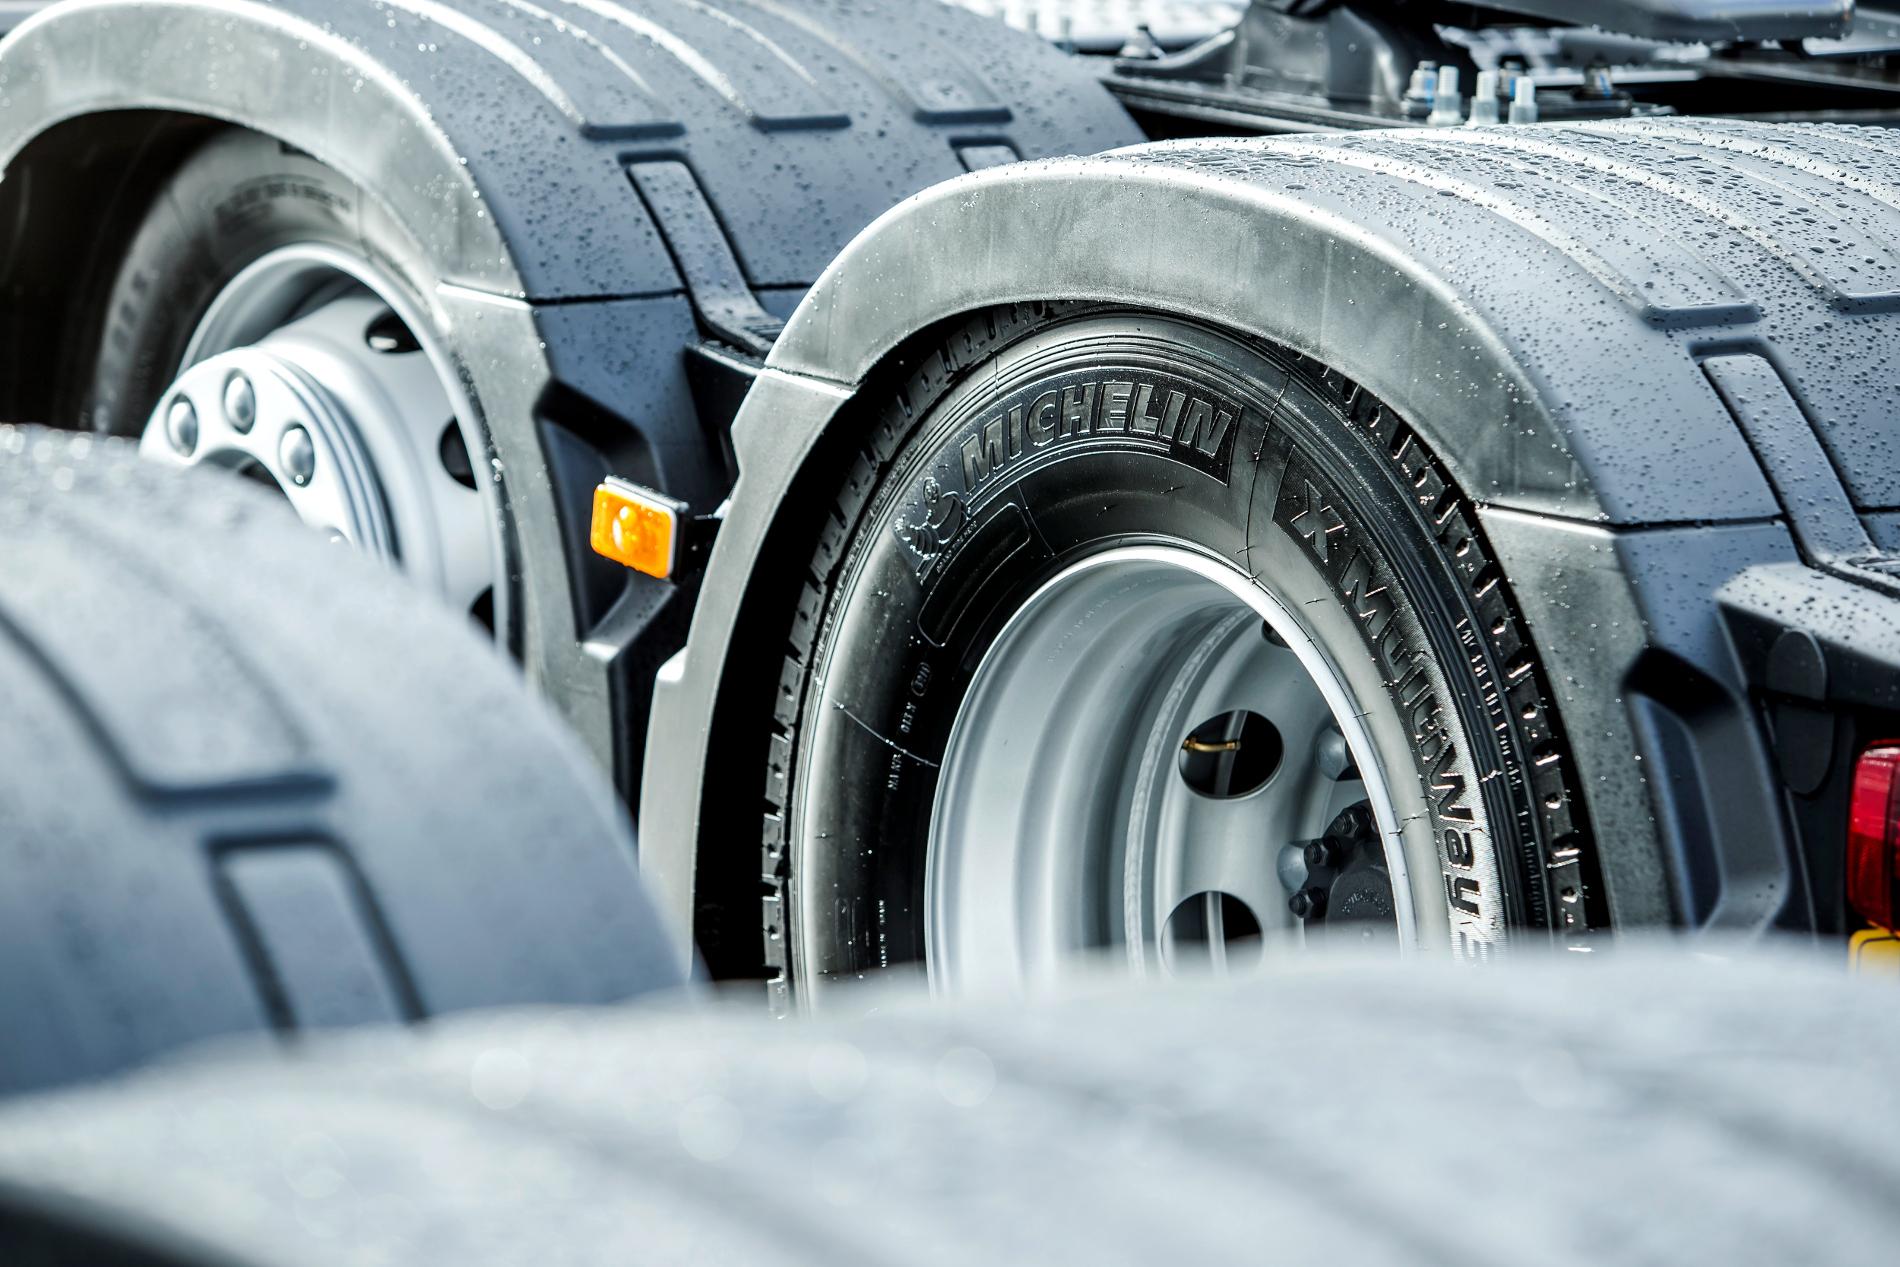 Jak przygotować opony na długi postój ciężarówki? Sprawdź zalecenia na czas pandemii COVID-19